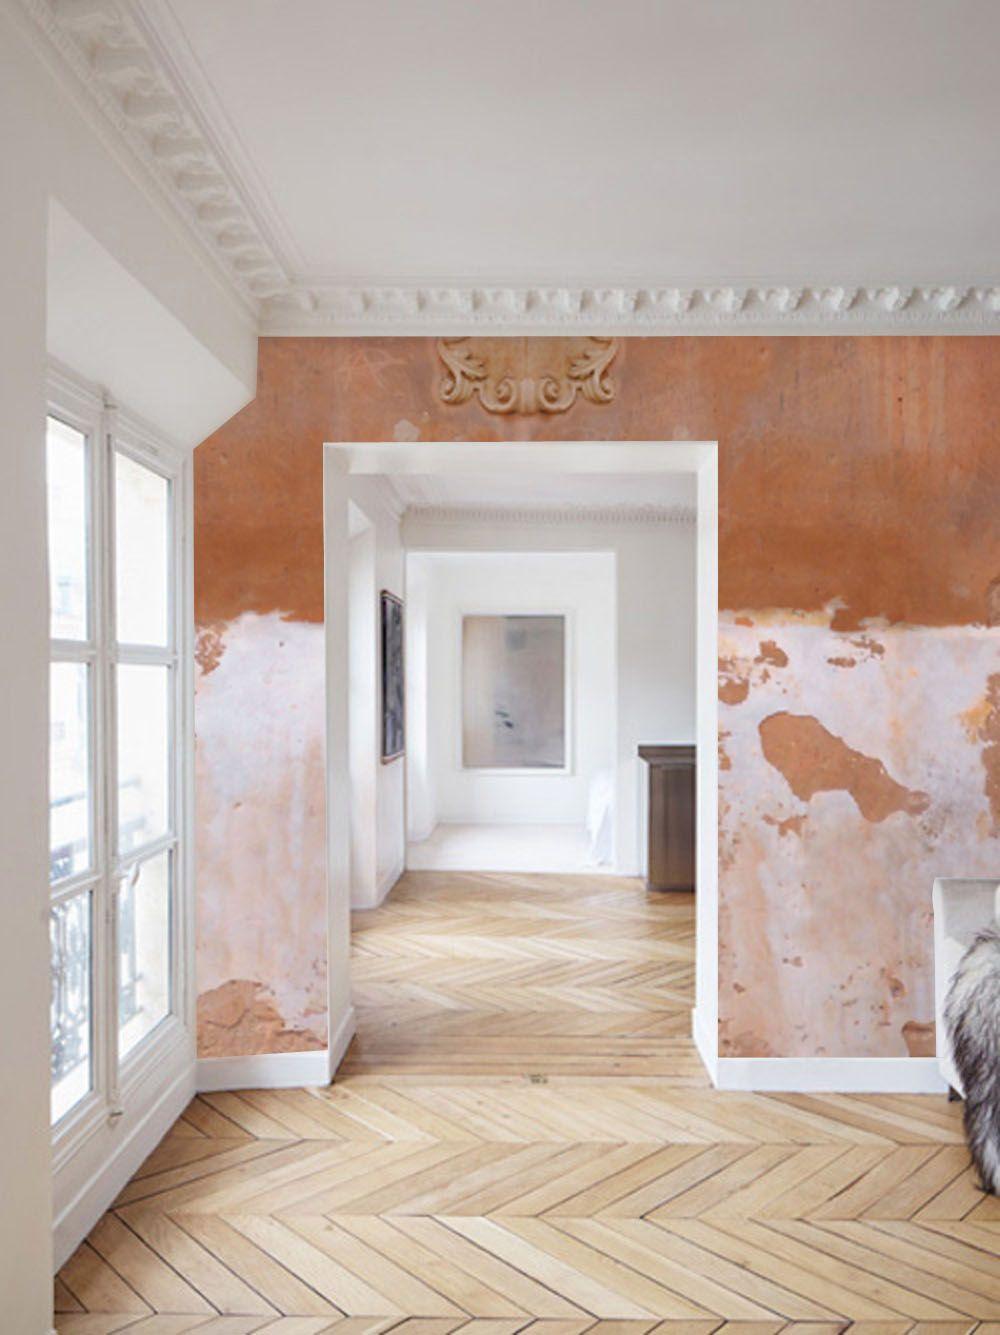 Wallpapers sous le vent de syracuse baignée de soleil syracuse donne vie à la pierre et colore ses murs dune chaleur colorée la lumière et